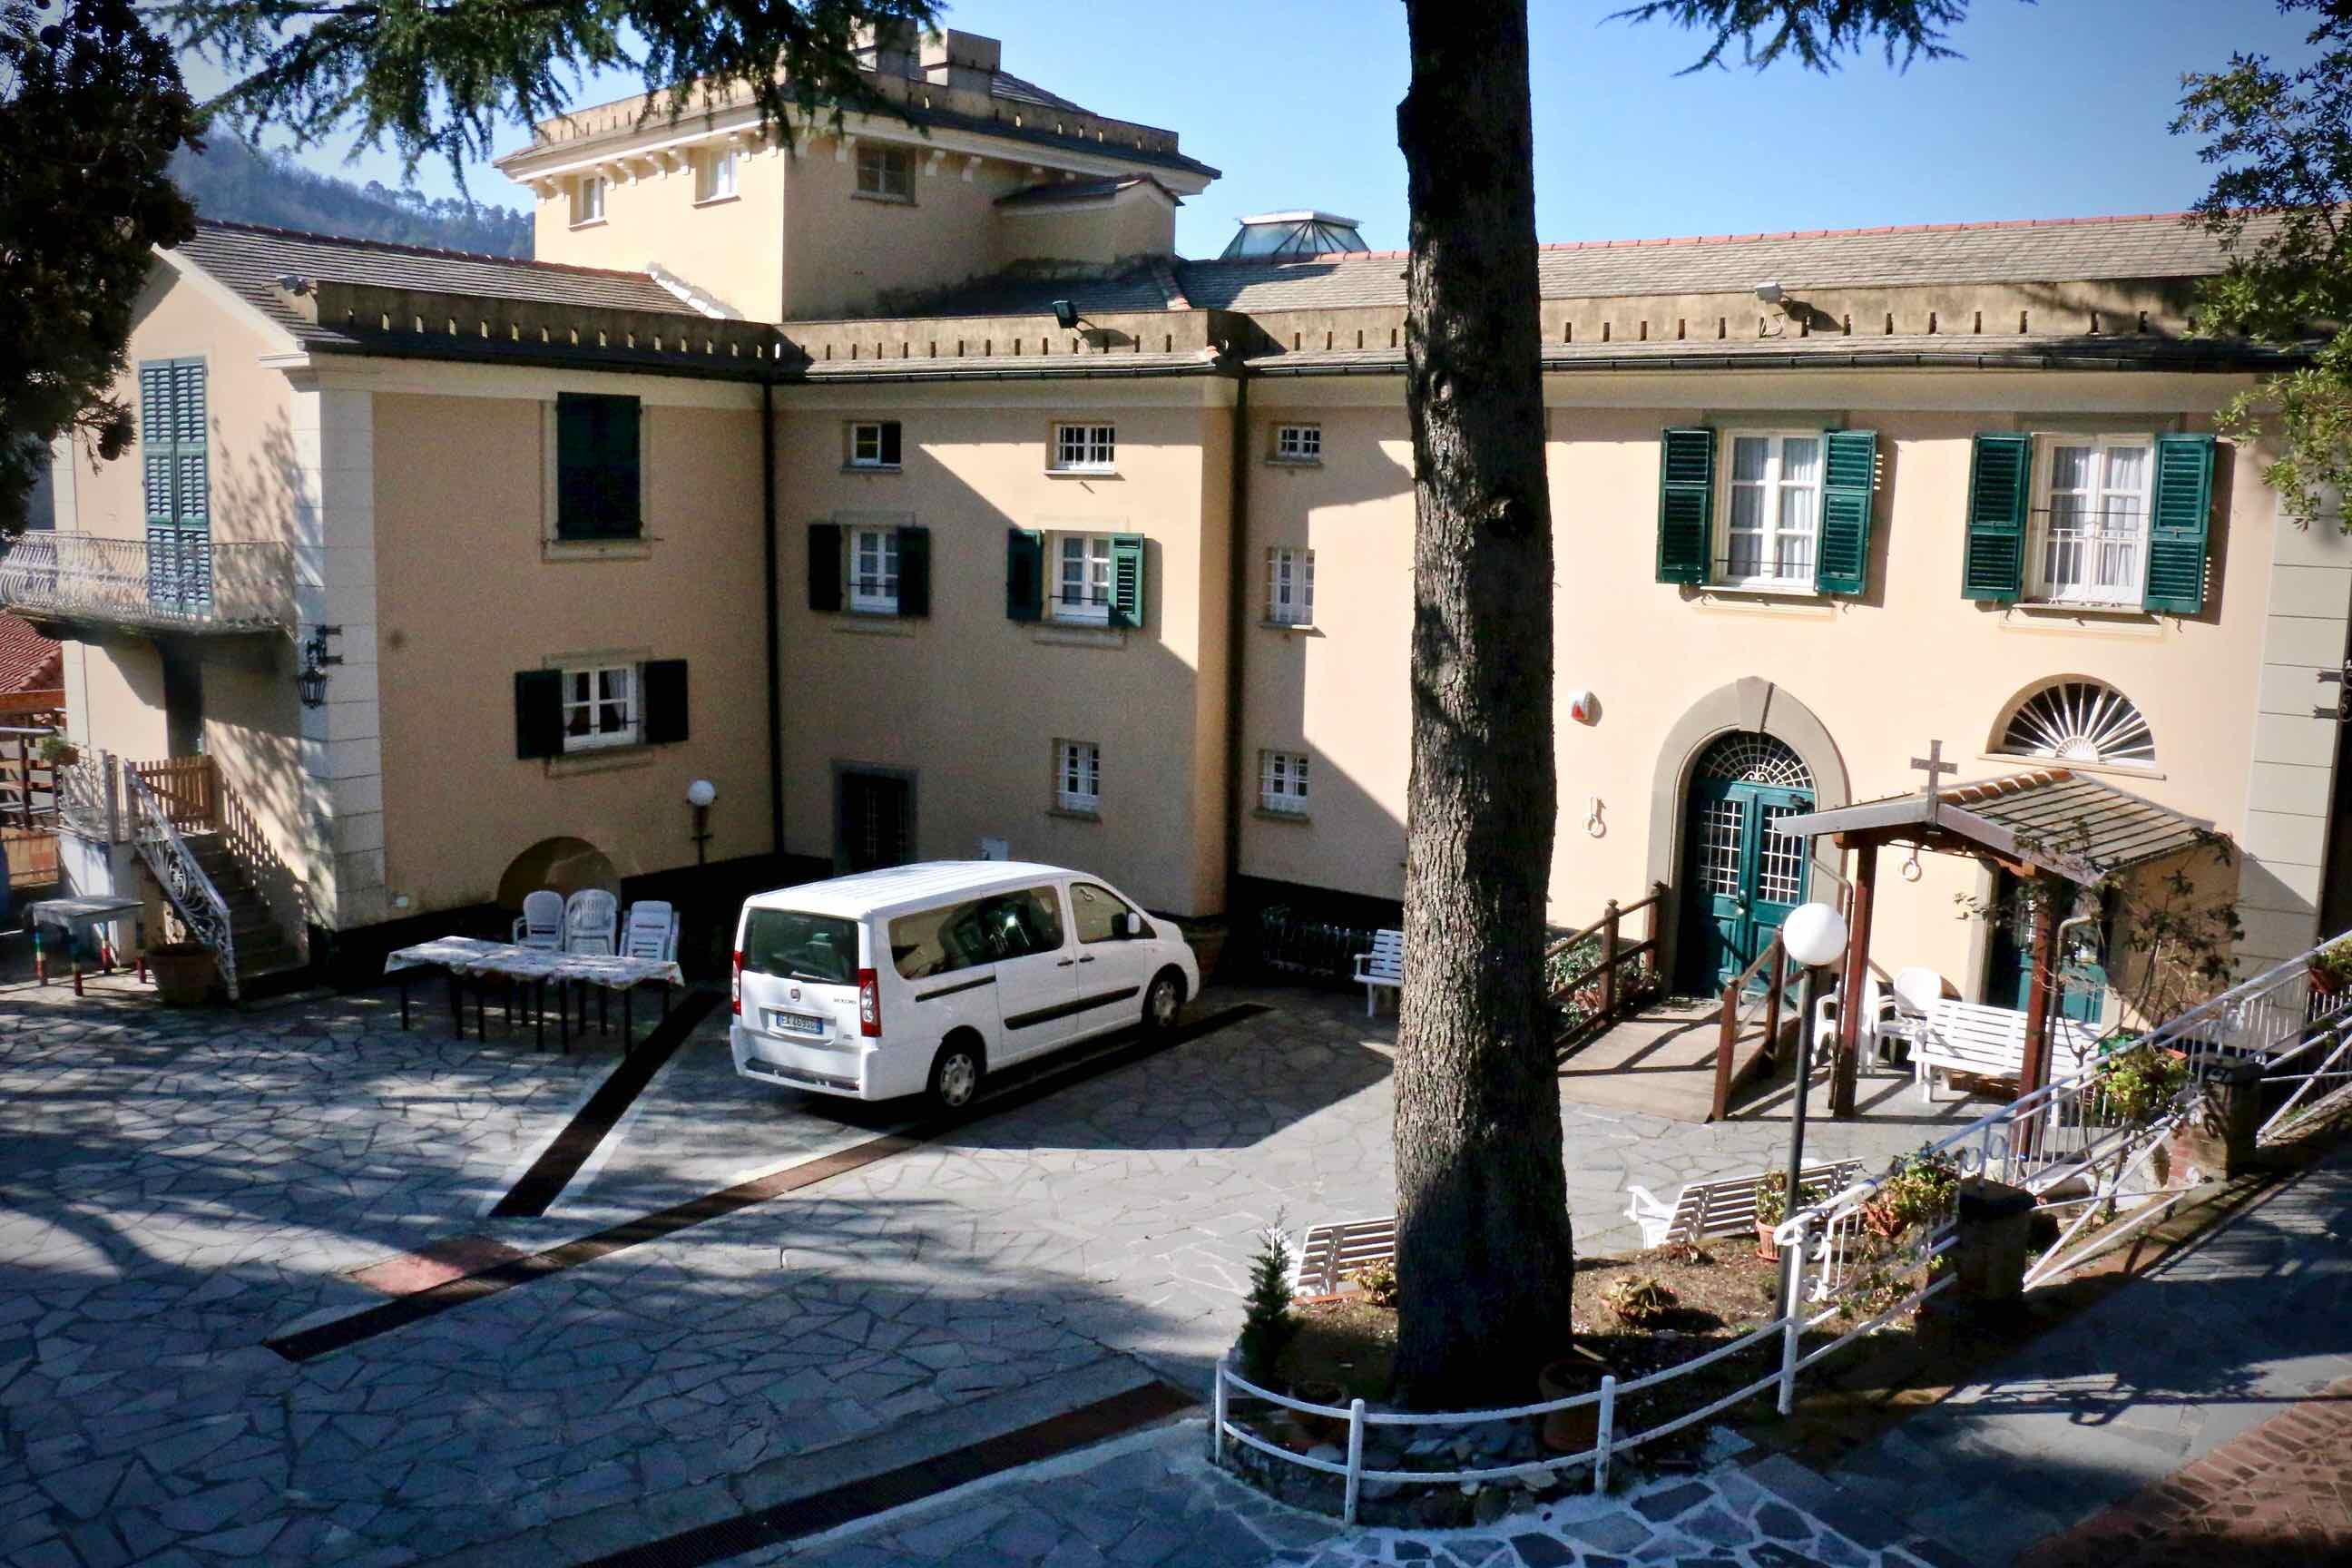 Centro Costa Zenoglio Villaggio del Ragazzo - 4